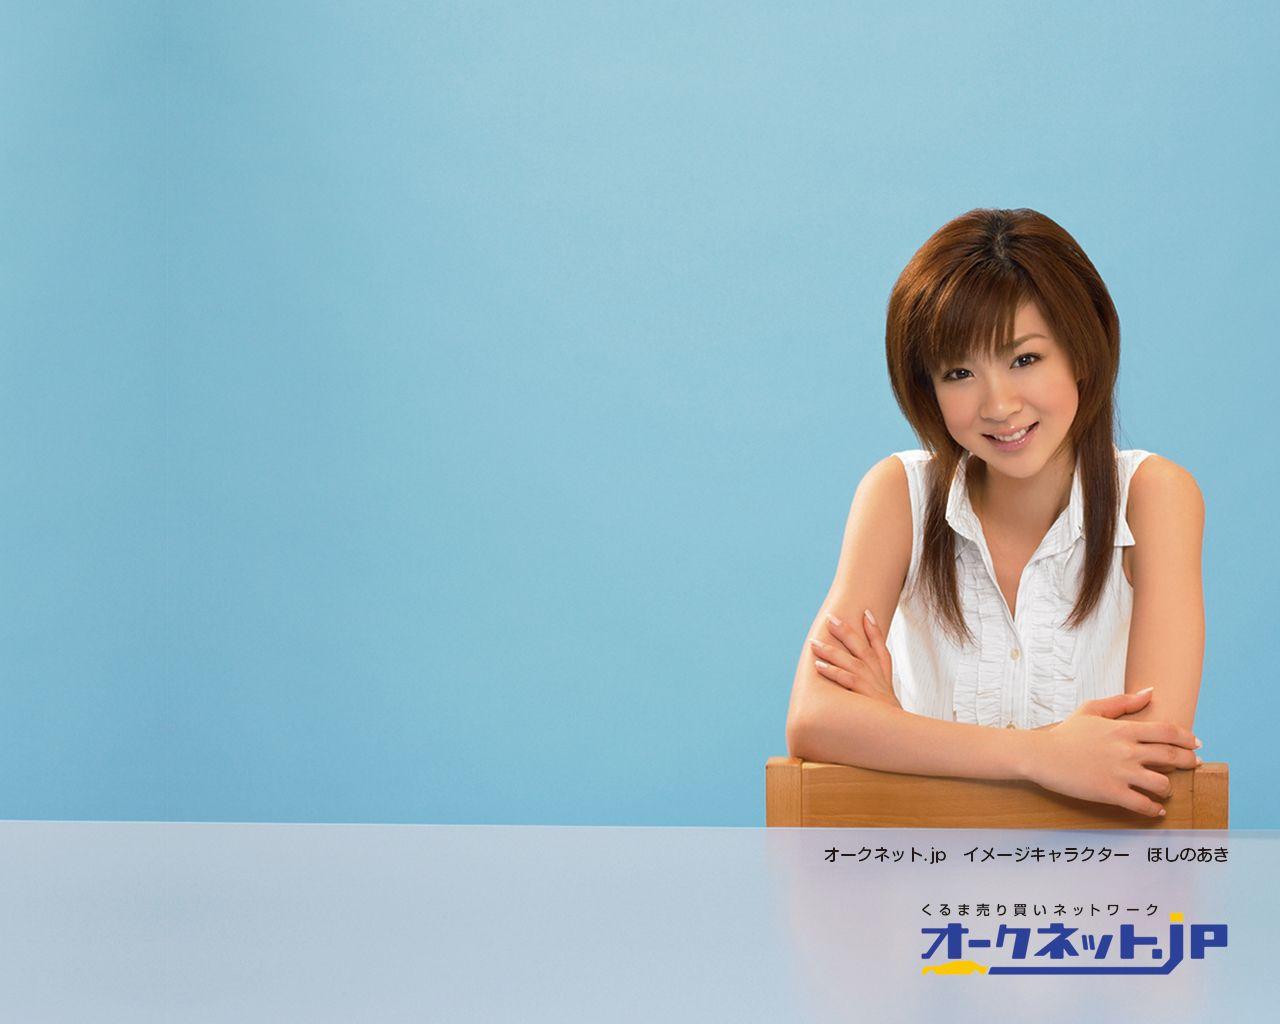 オートライブ シナダ (株)ライブ商事